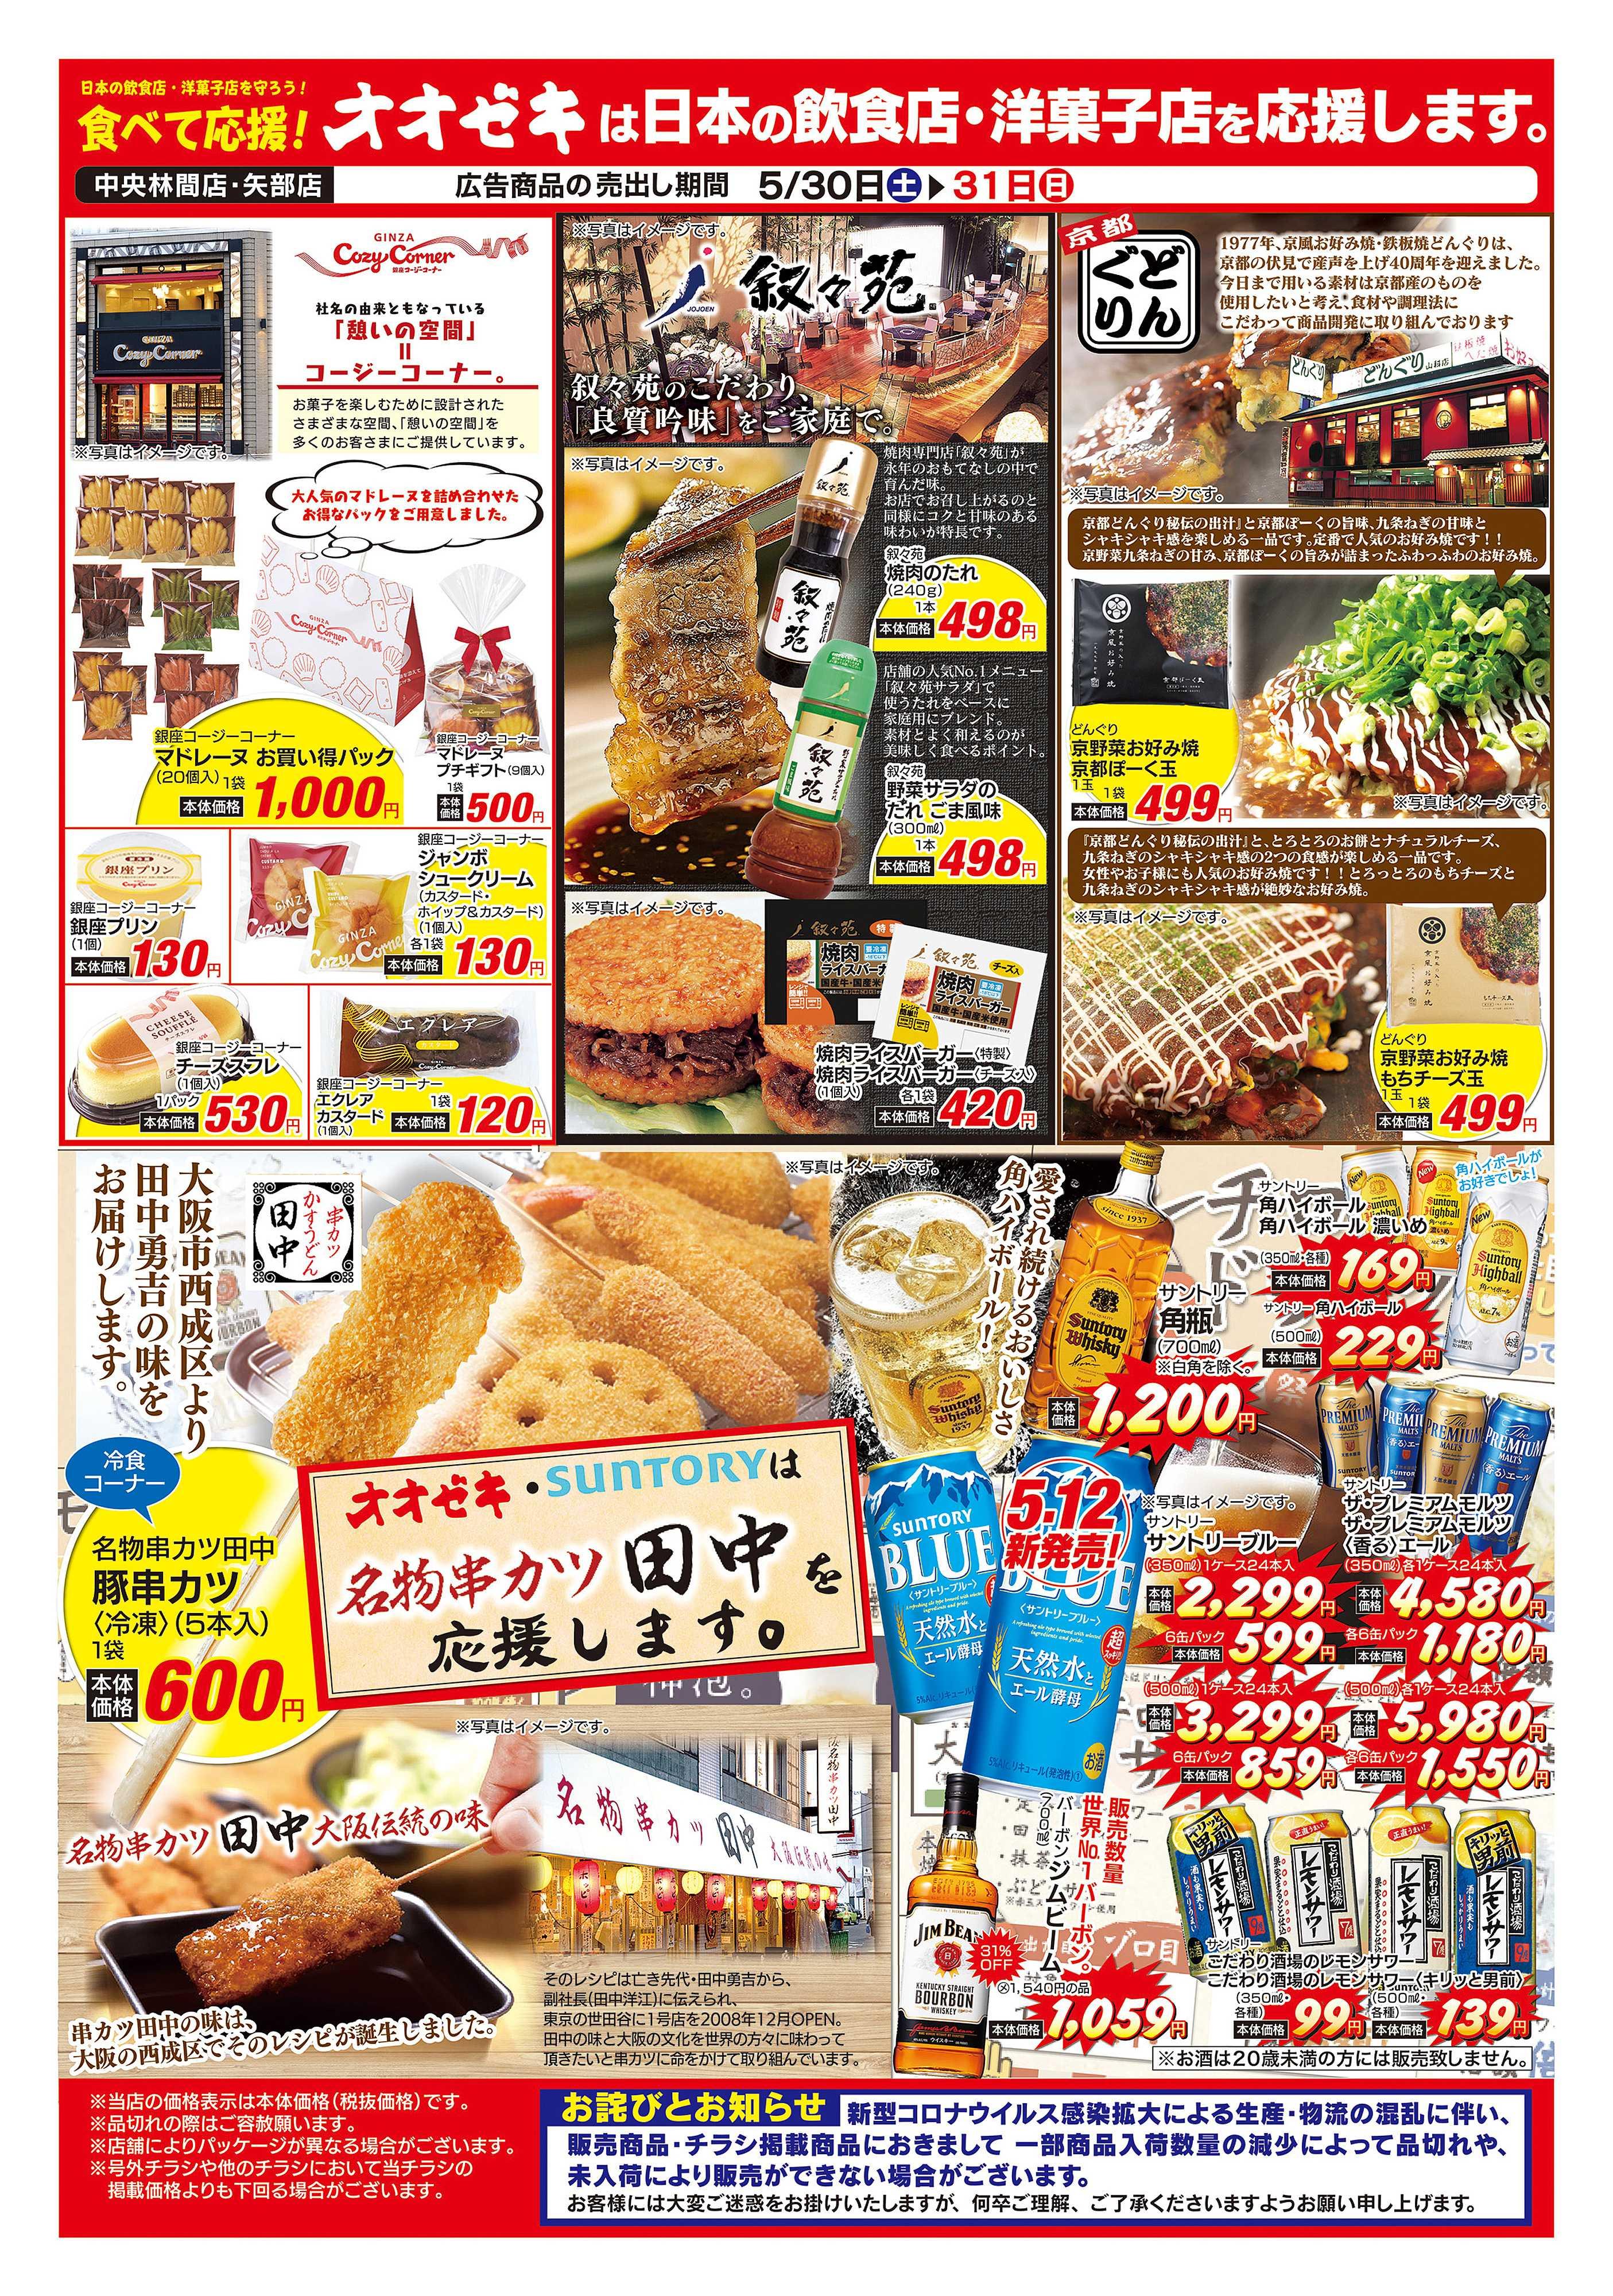 オオゼキ 日本の飲食店・洋菓子店を応援します。